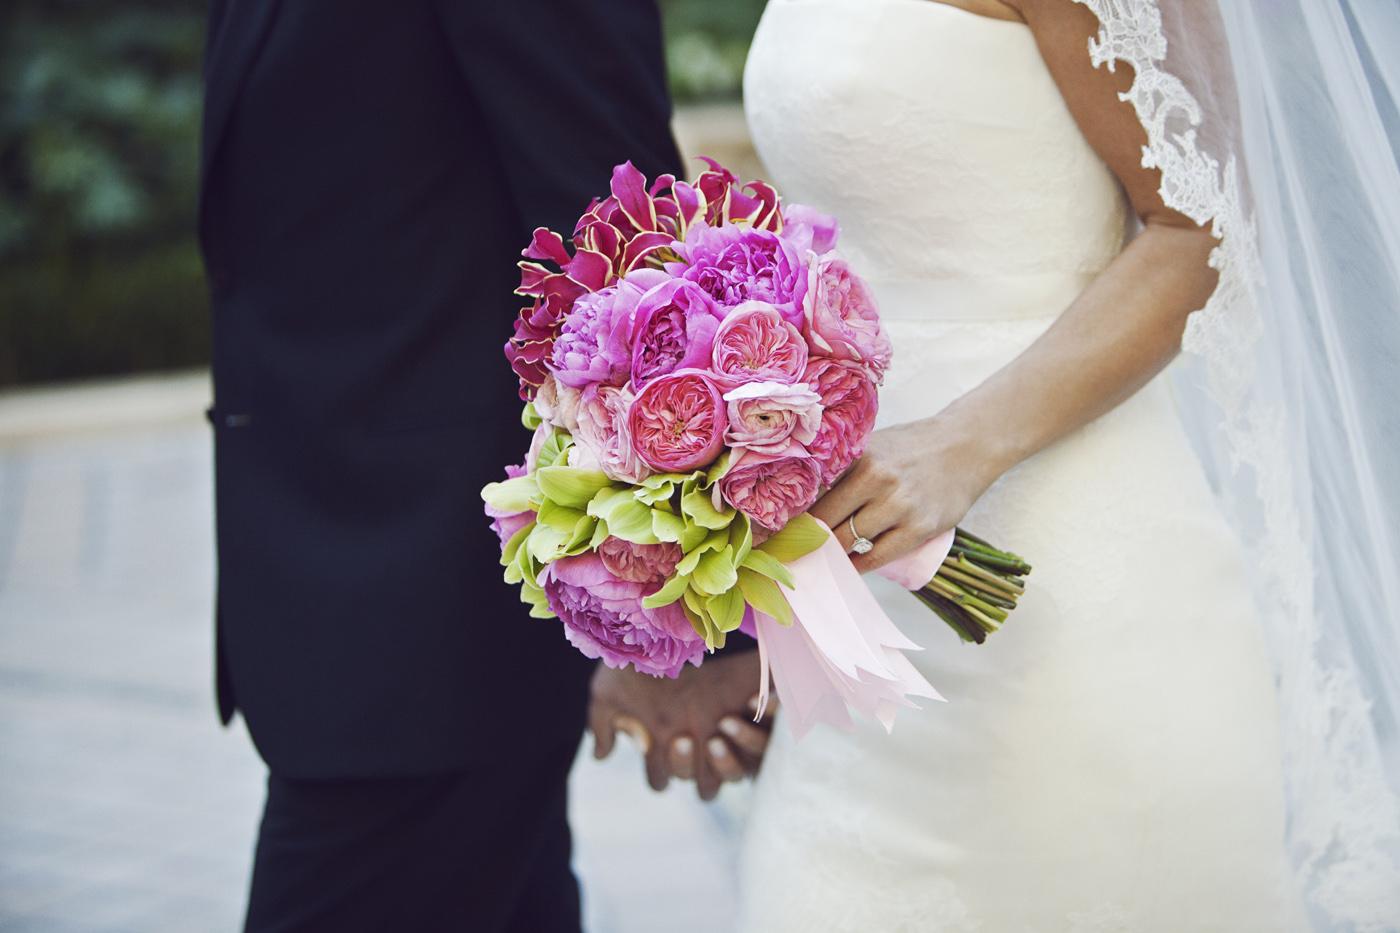 007_DukePhotography_DukeImages_Wedding_Details.jpg